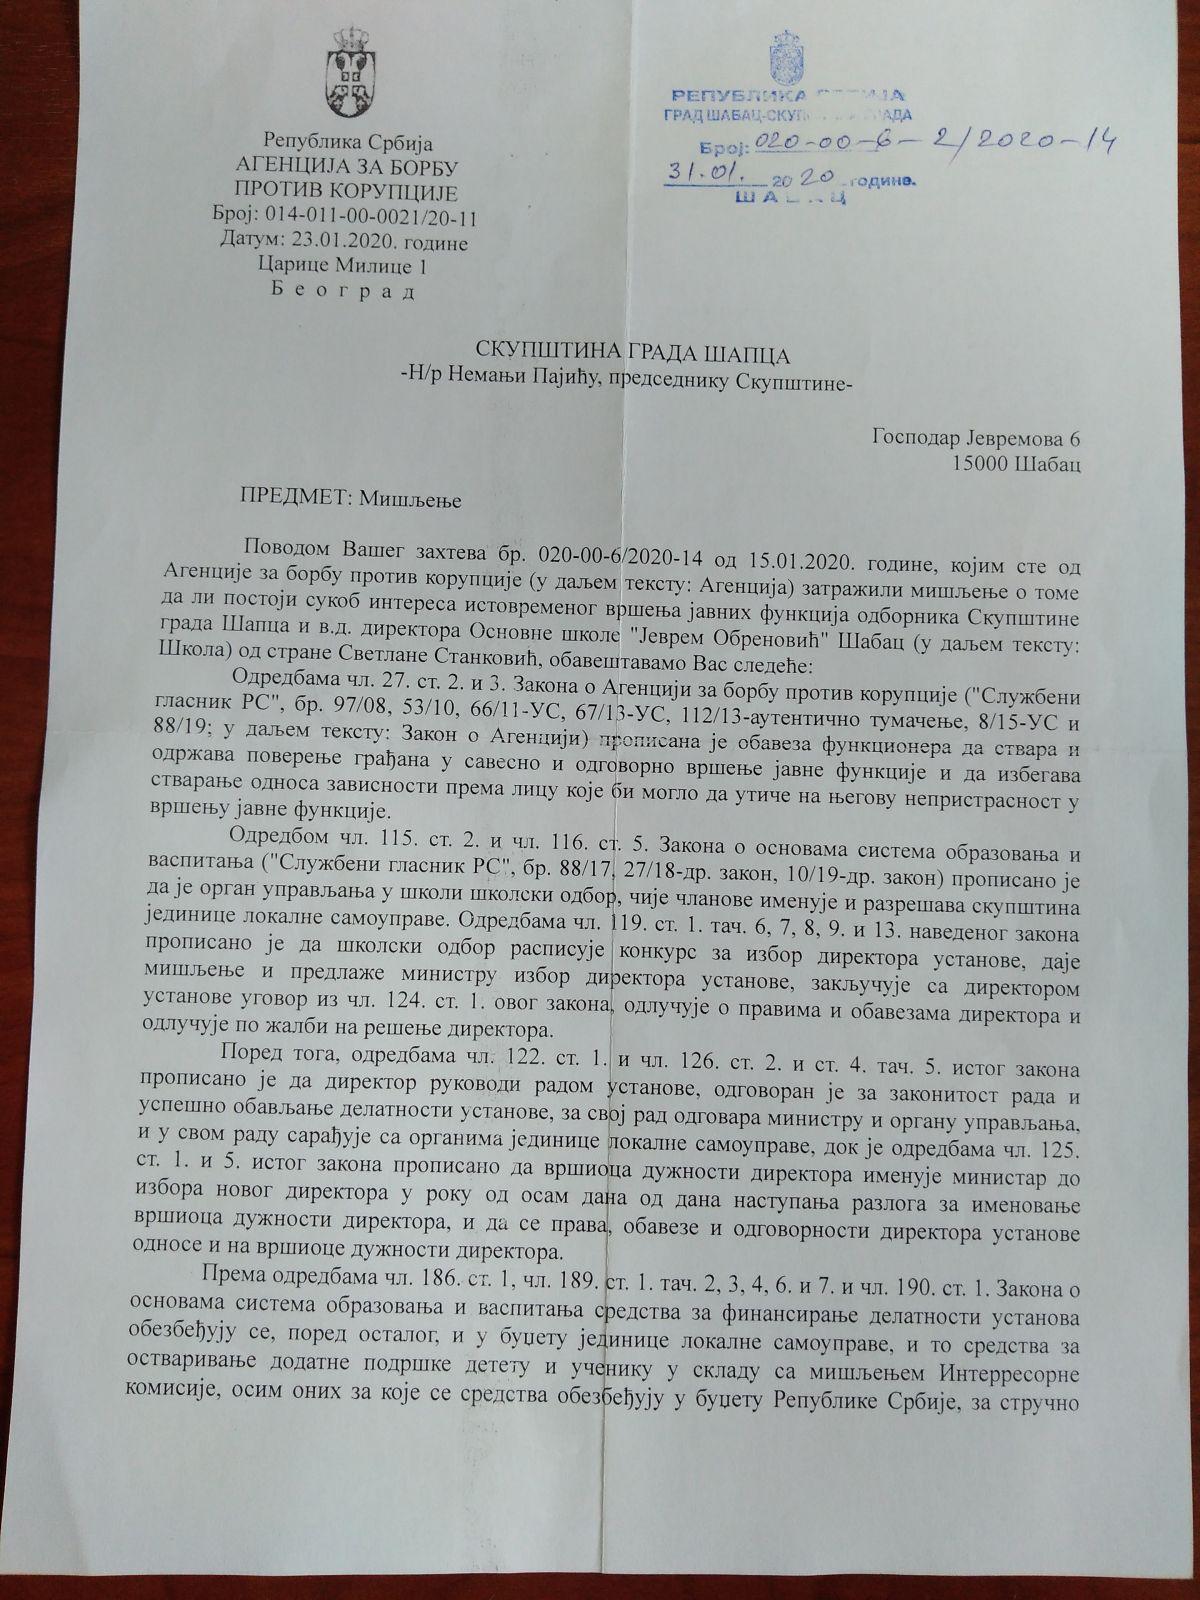 Svetlana Stanković u sukobu interesa